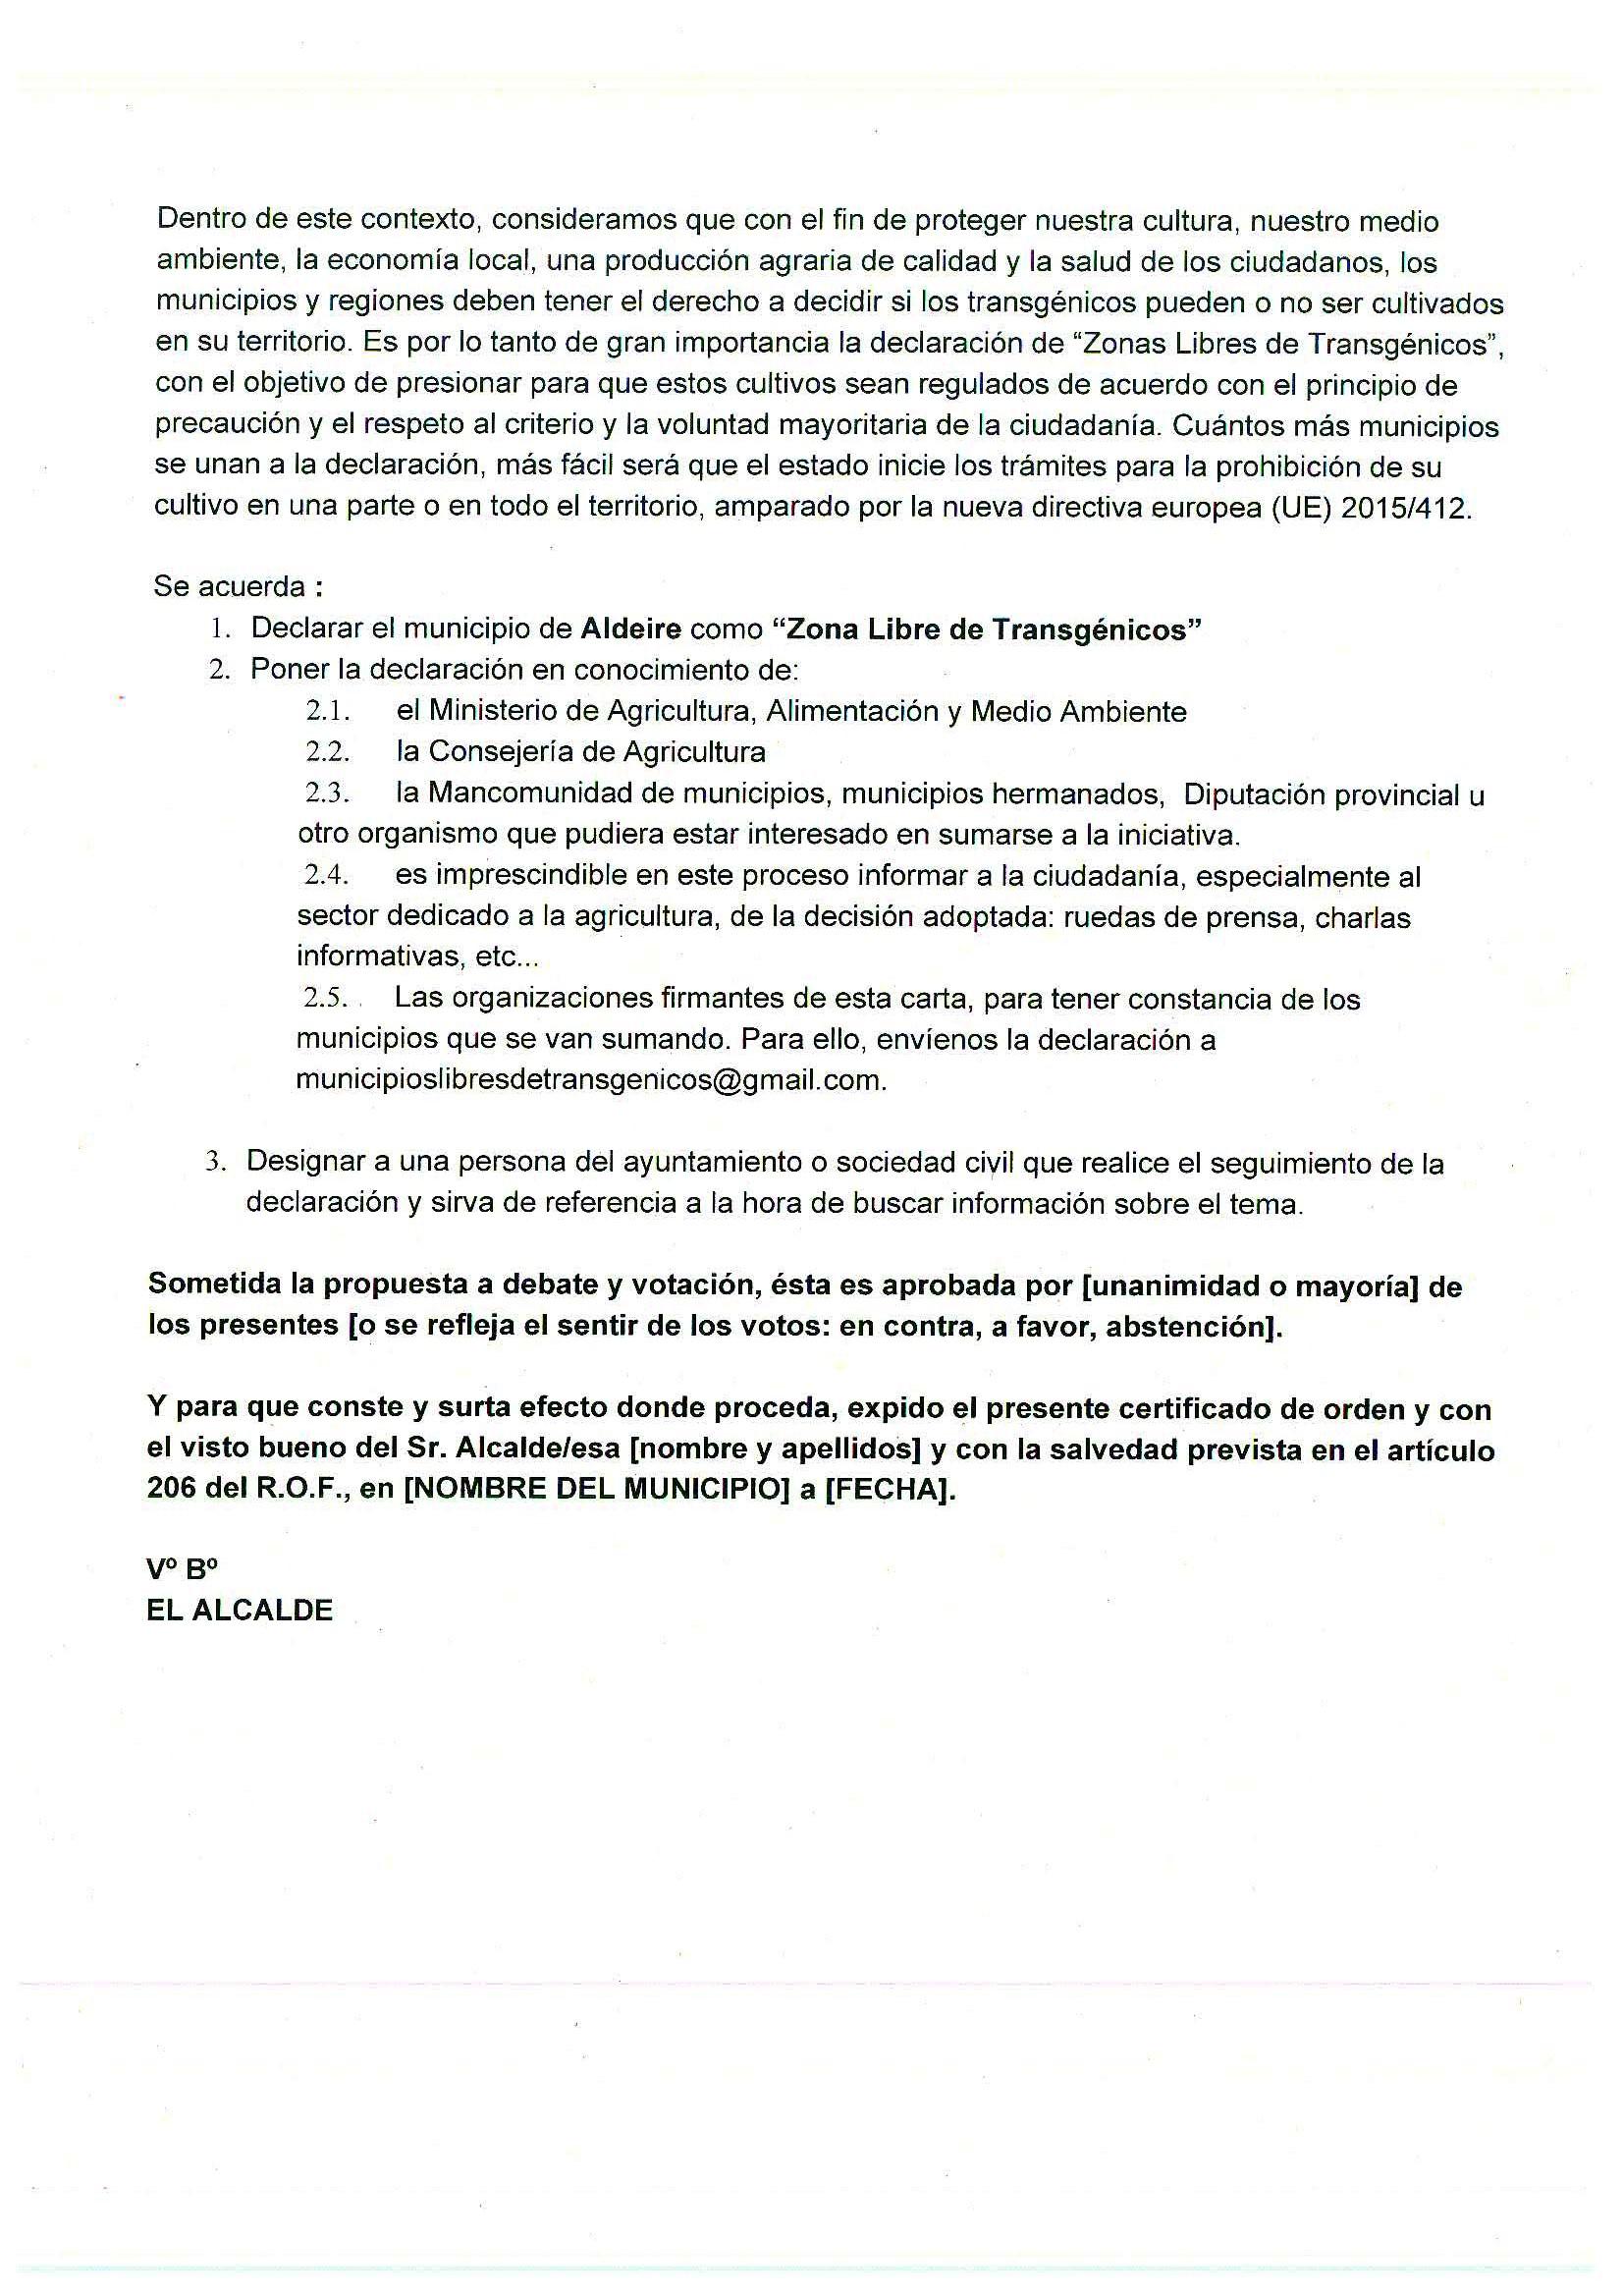 Aldeire.-Carta-ZLT%2c-glifosato-y-compra-publica-ecologica-0007